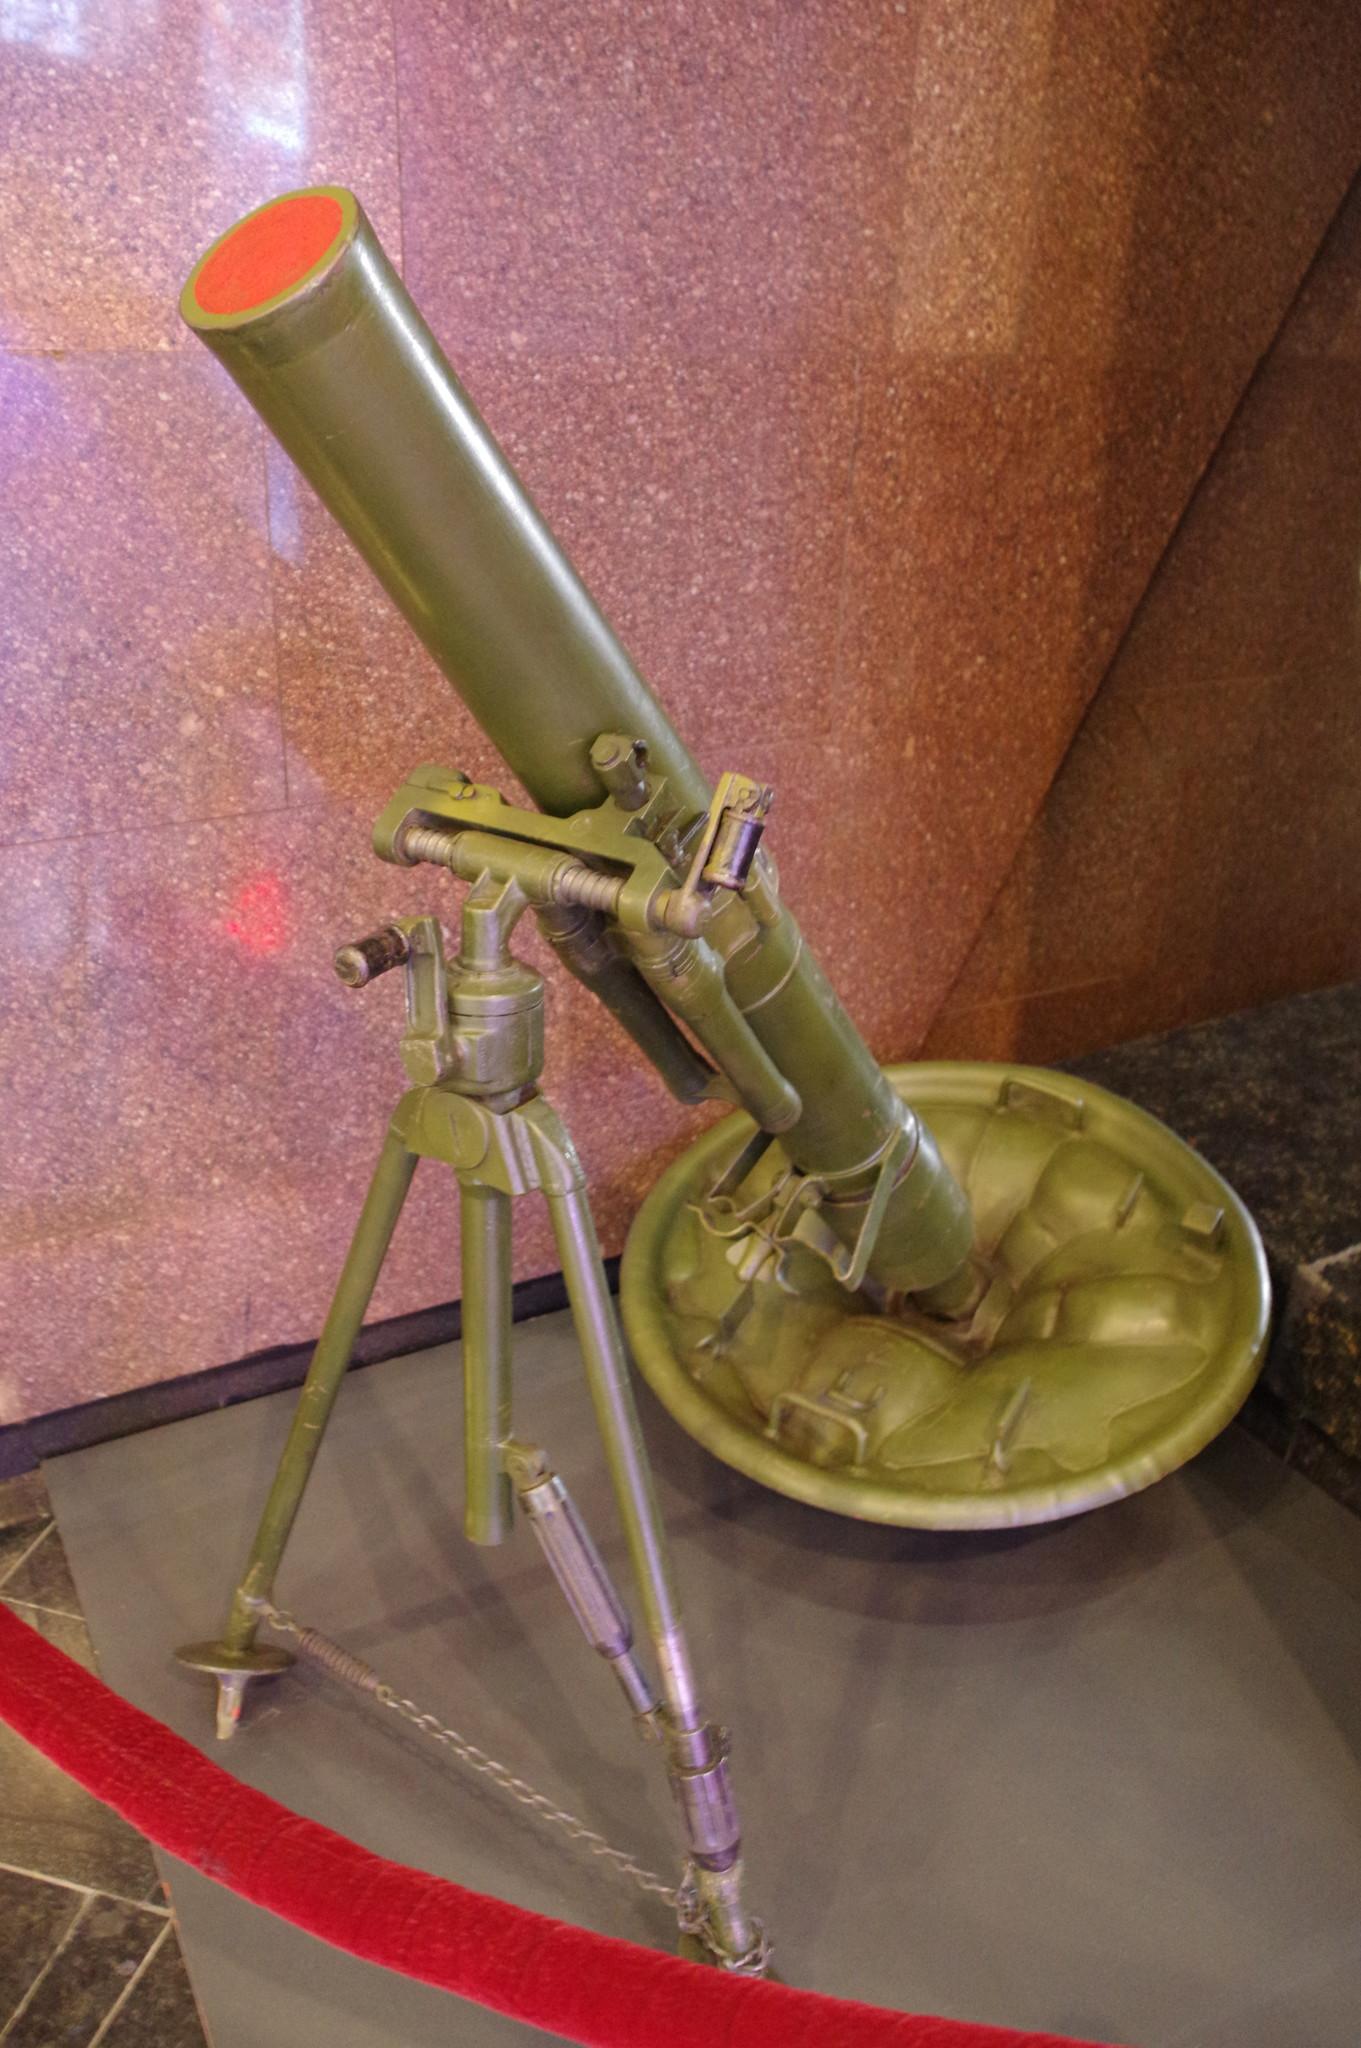 107-мм горно-вьючный полковой миномёт образца 1938 года в экспозиции Музея Победы